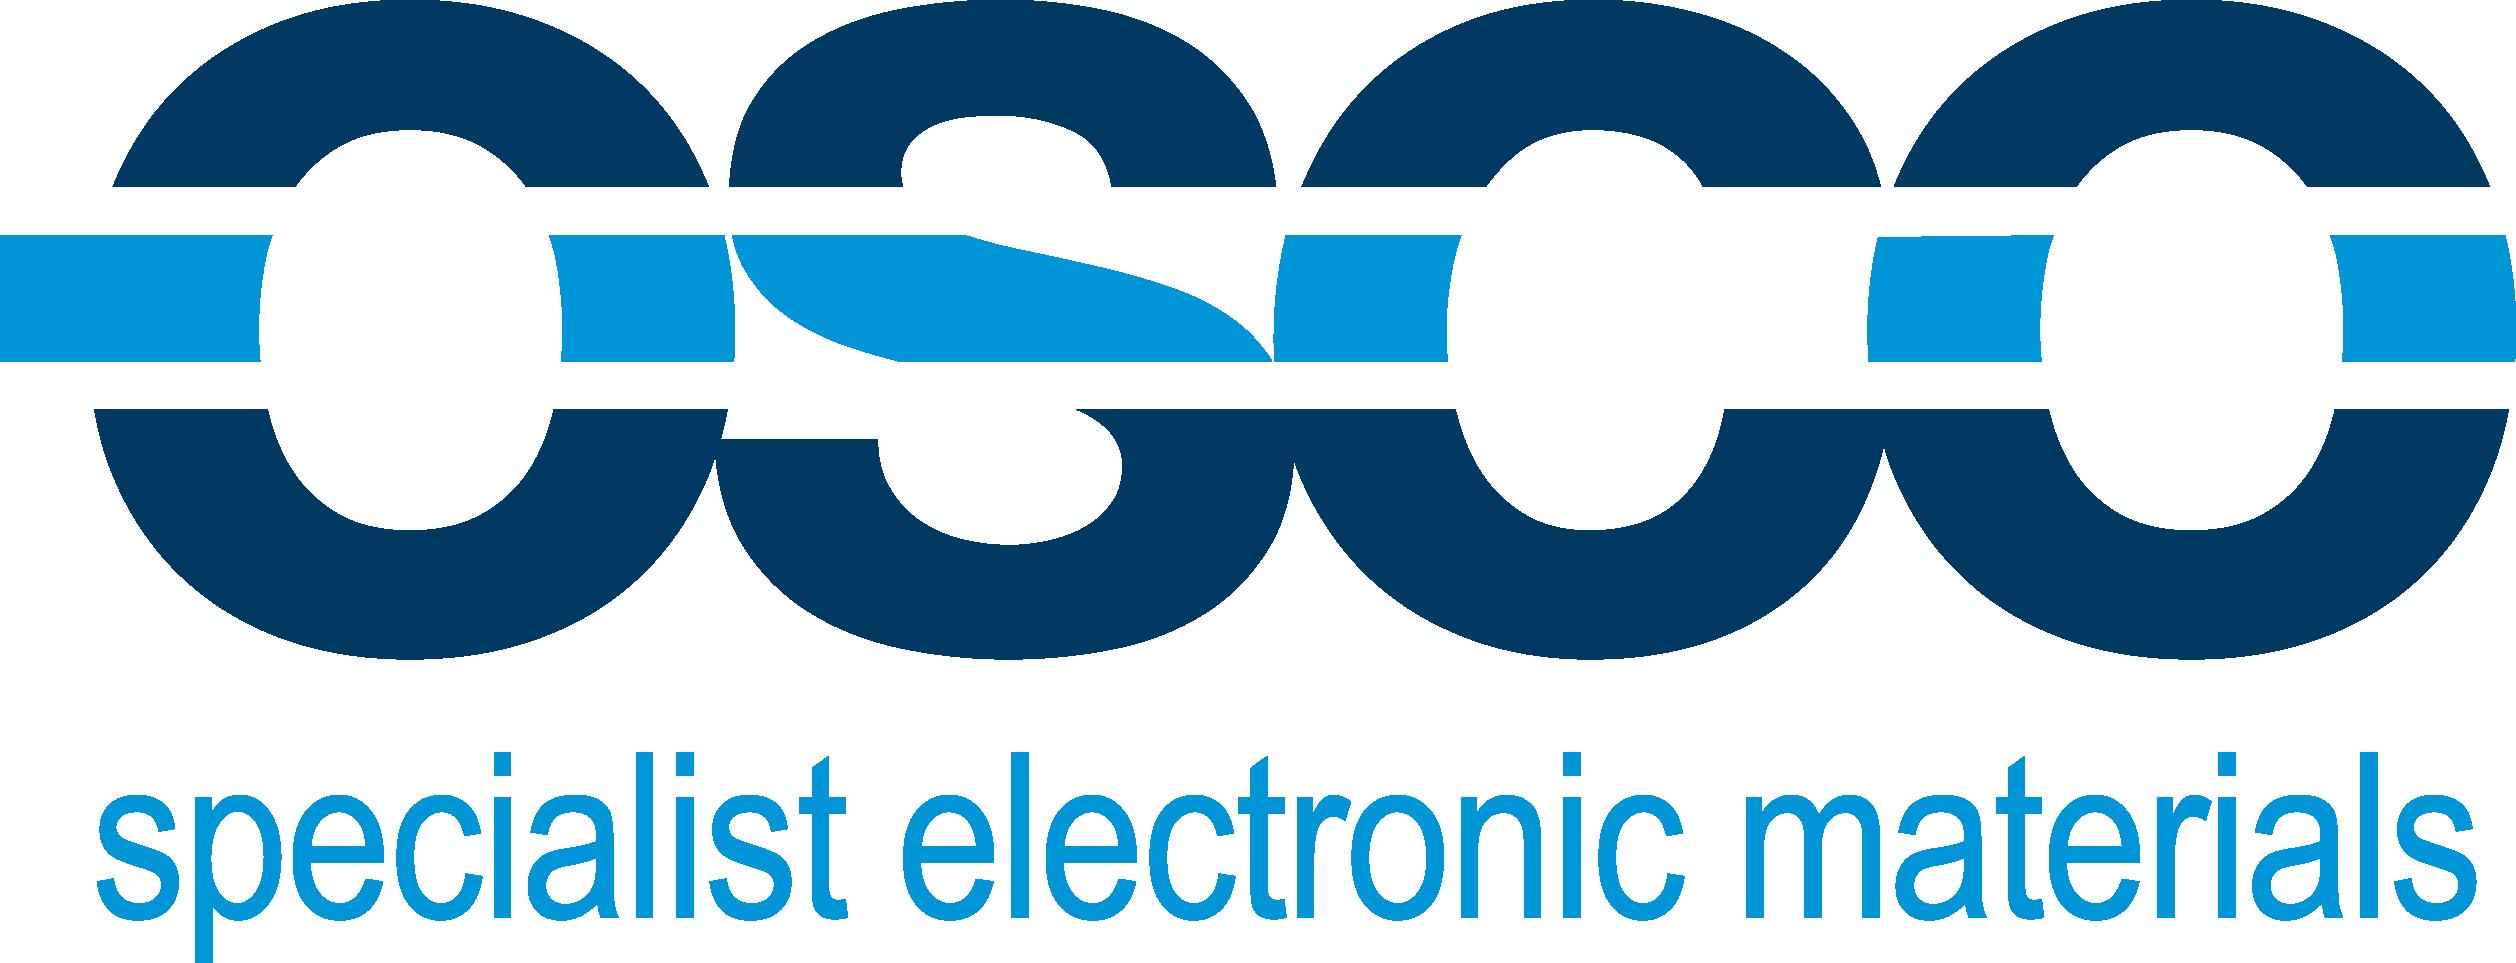 OSCO LTD